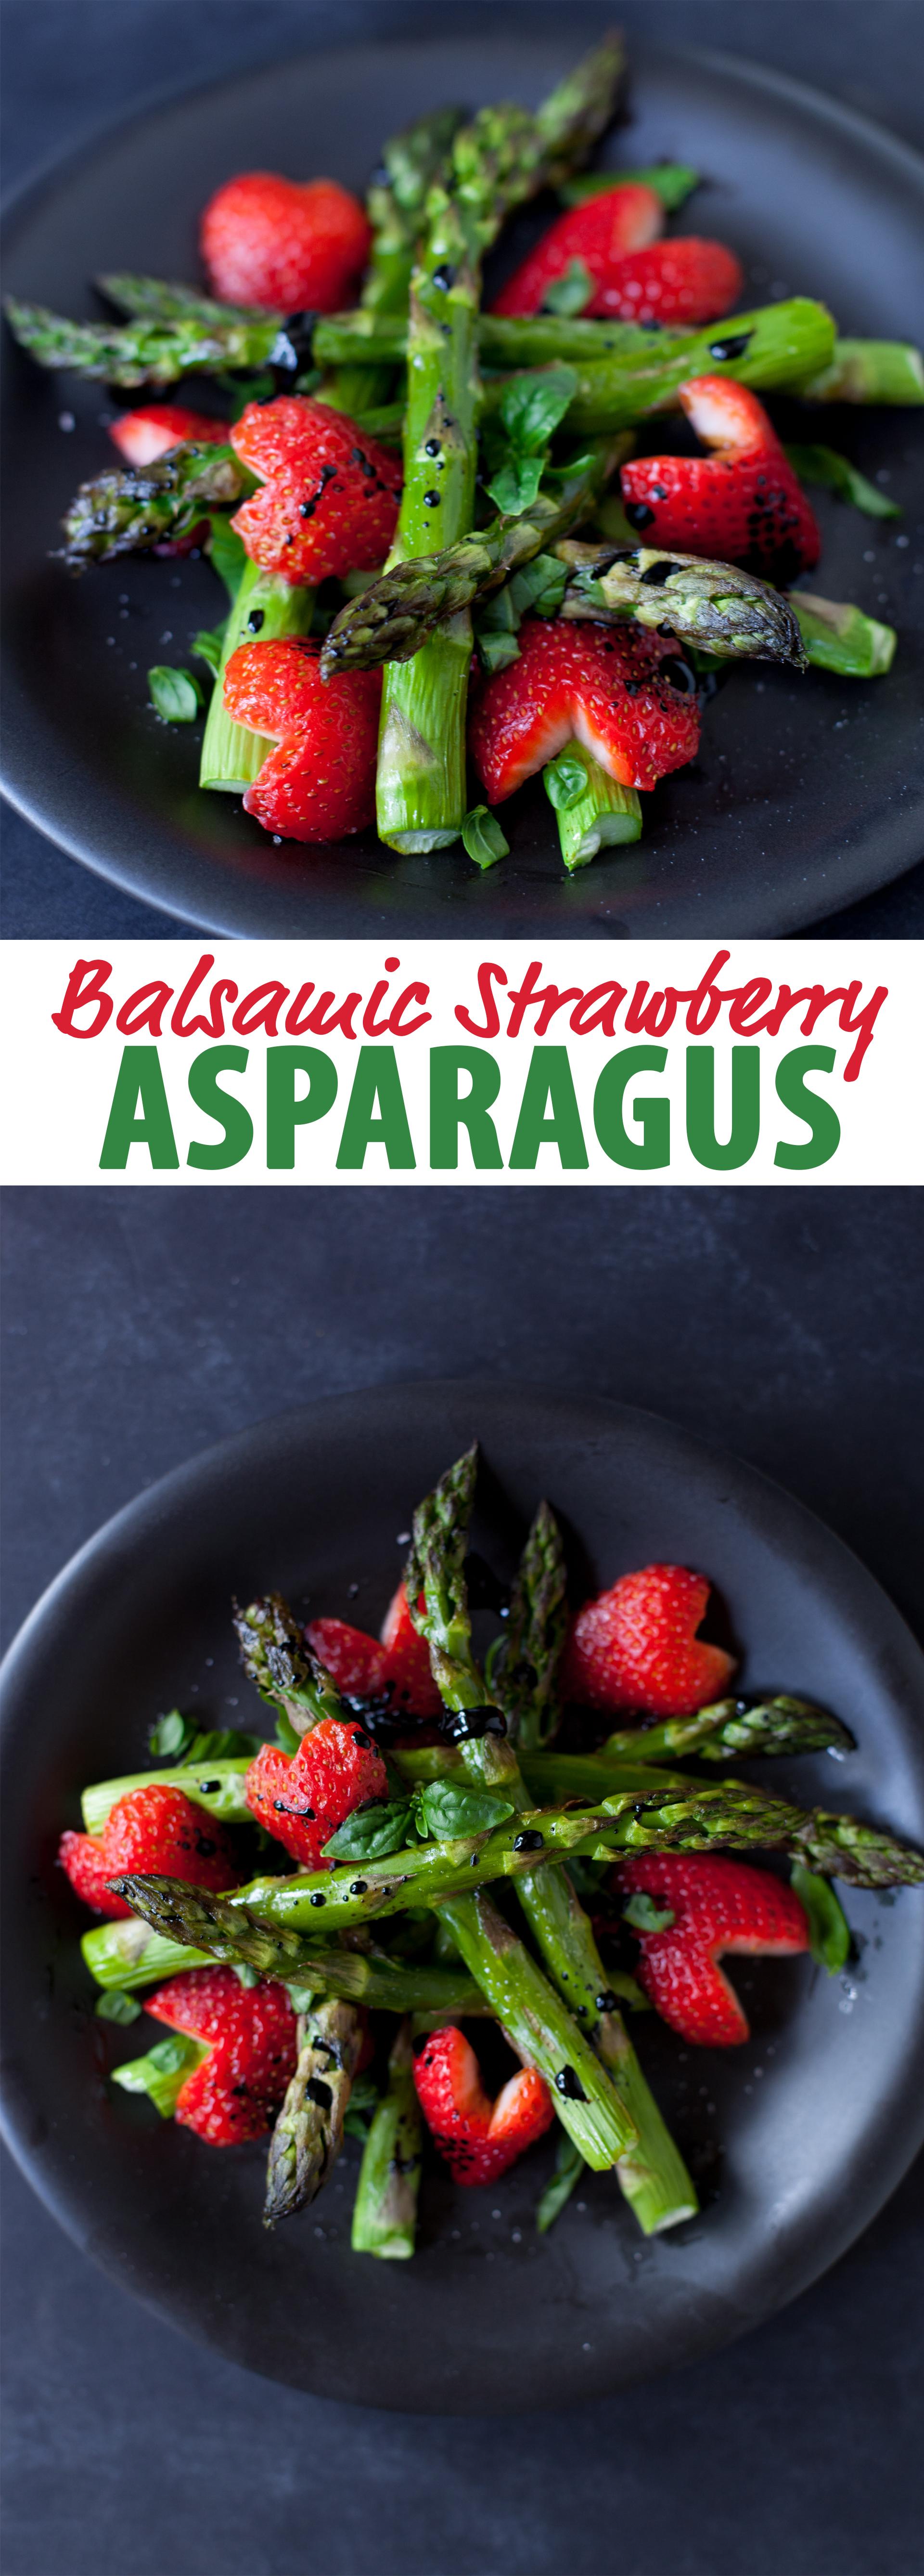 Menu For Olive Garden: Balsamic Strawberry Asparagus Recipe